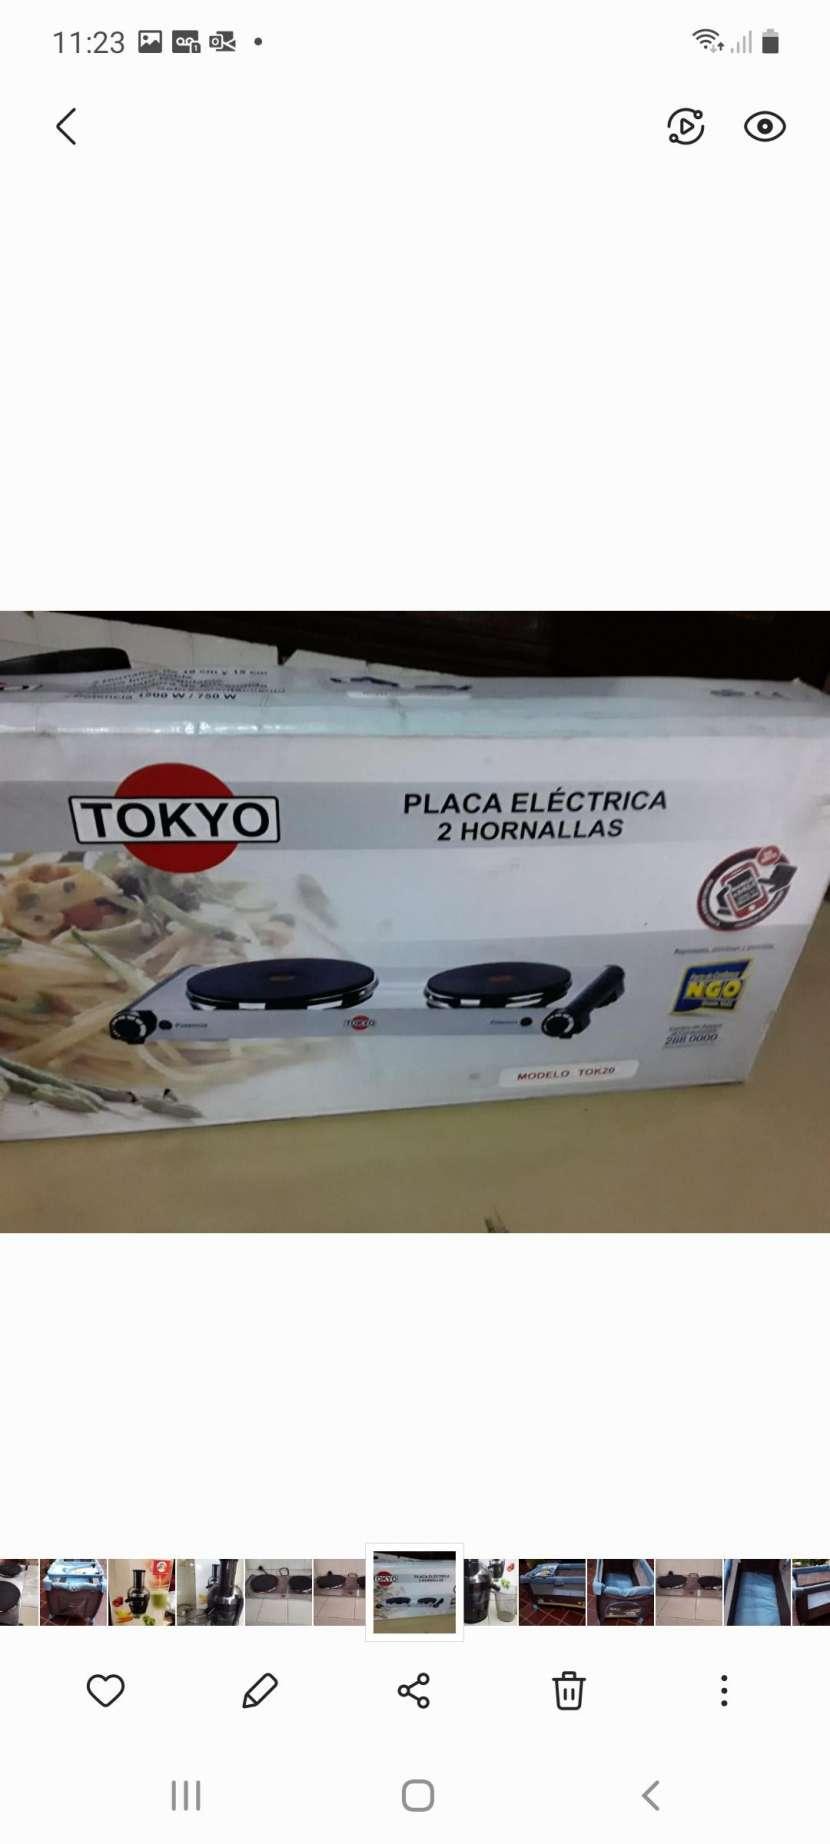 Placa eléctrica - 0